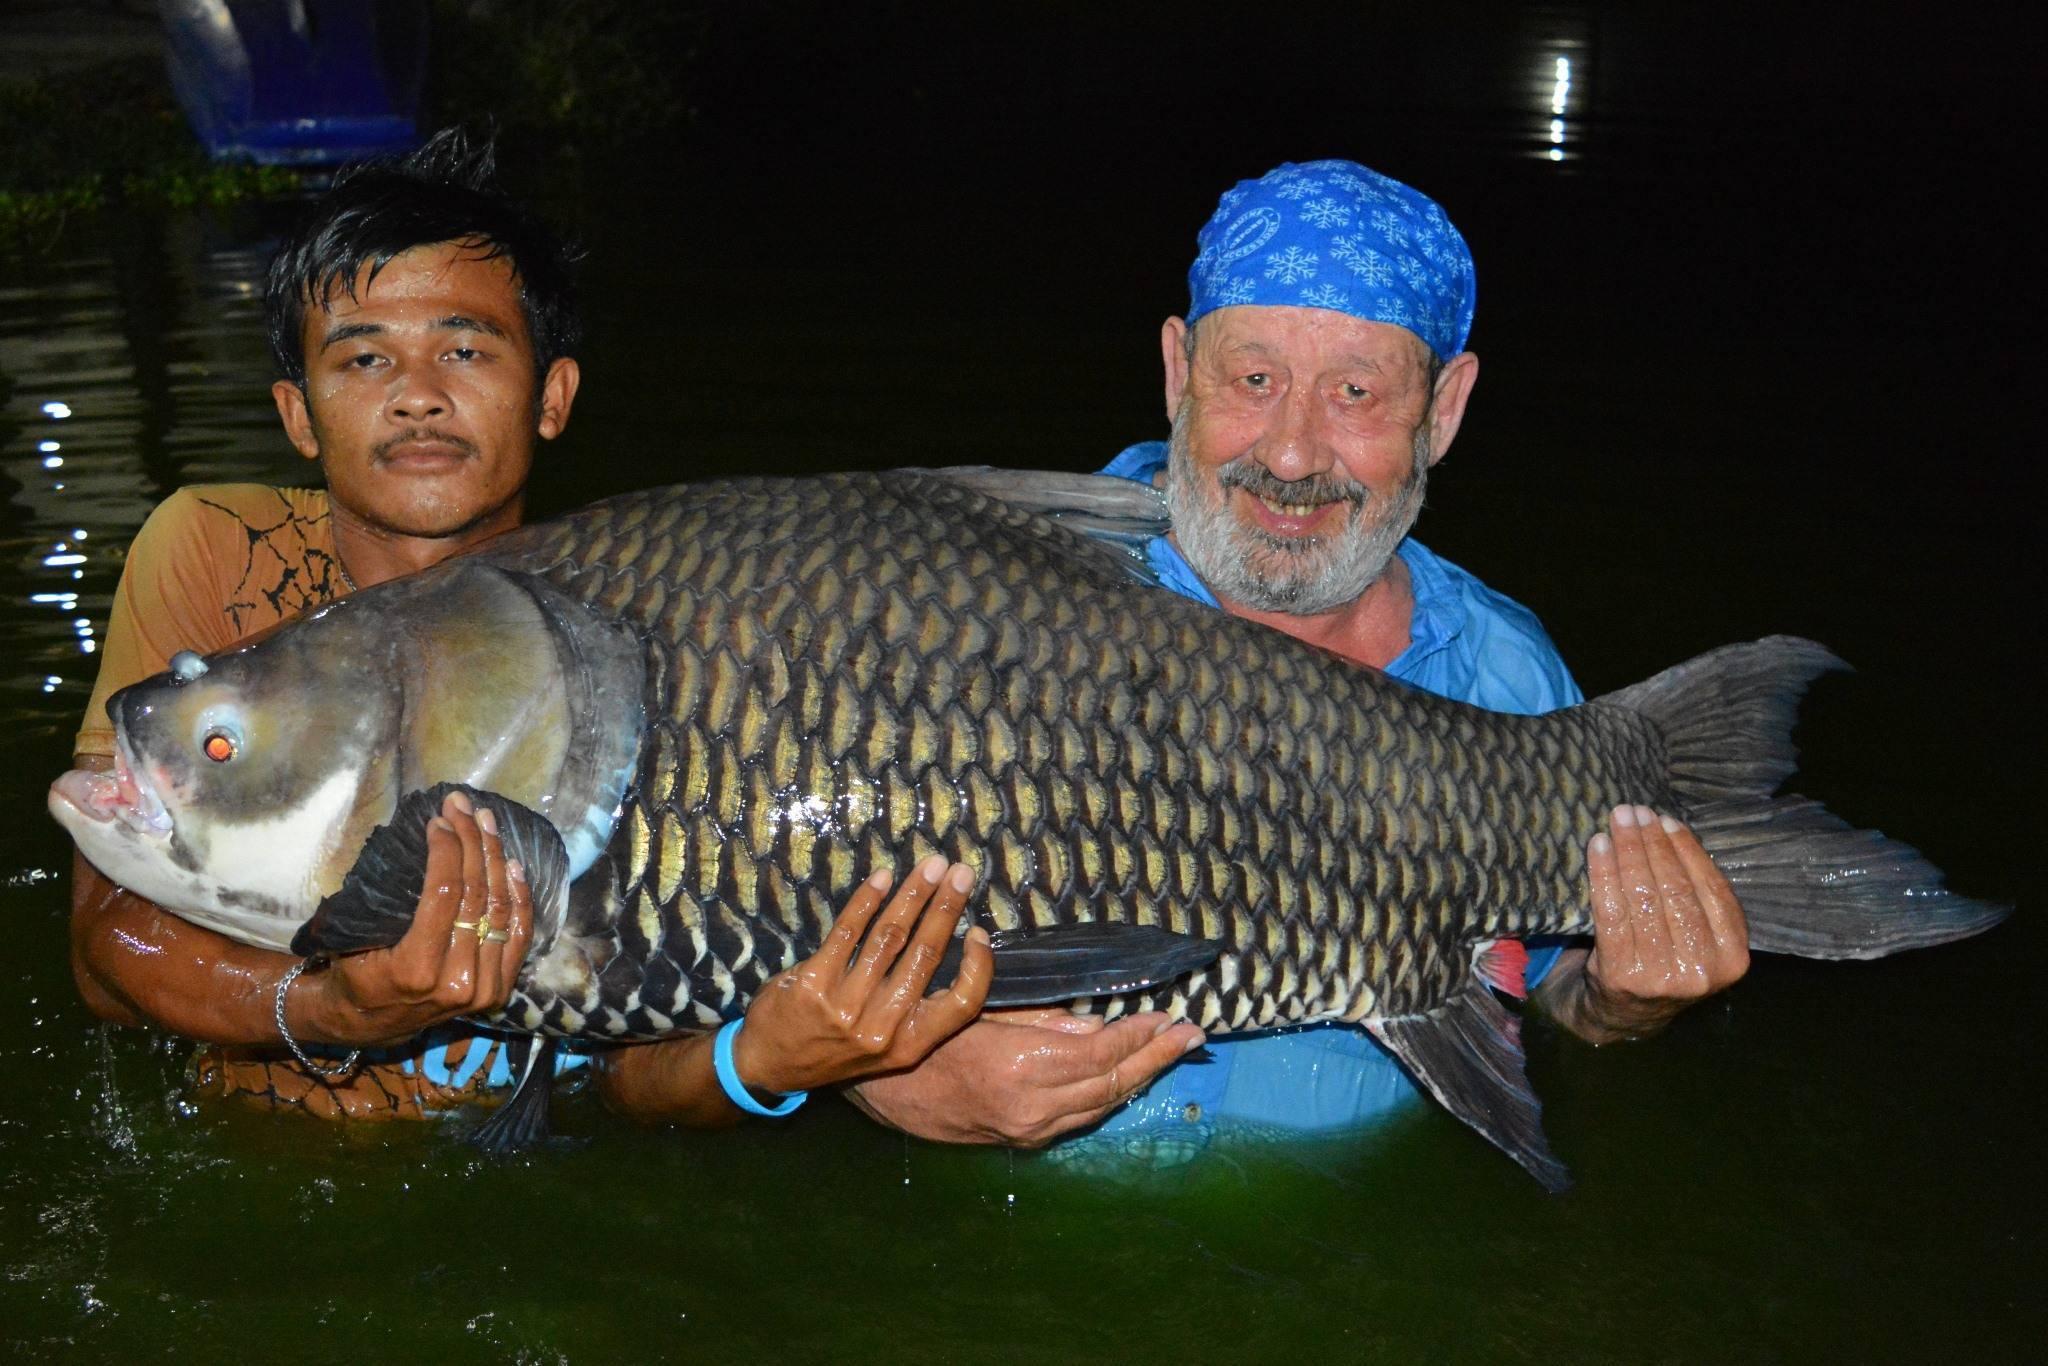 Польза и вред налима - 90 фото рыбы и особенности ее применения в рационе питания